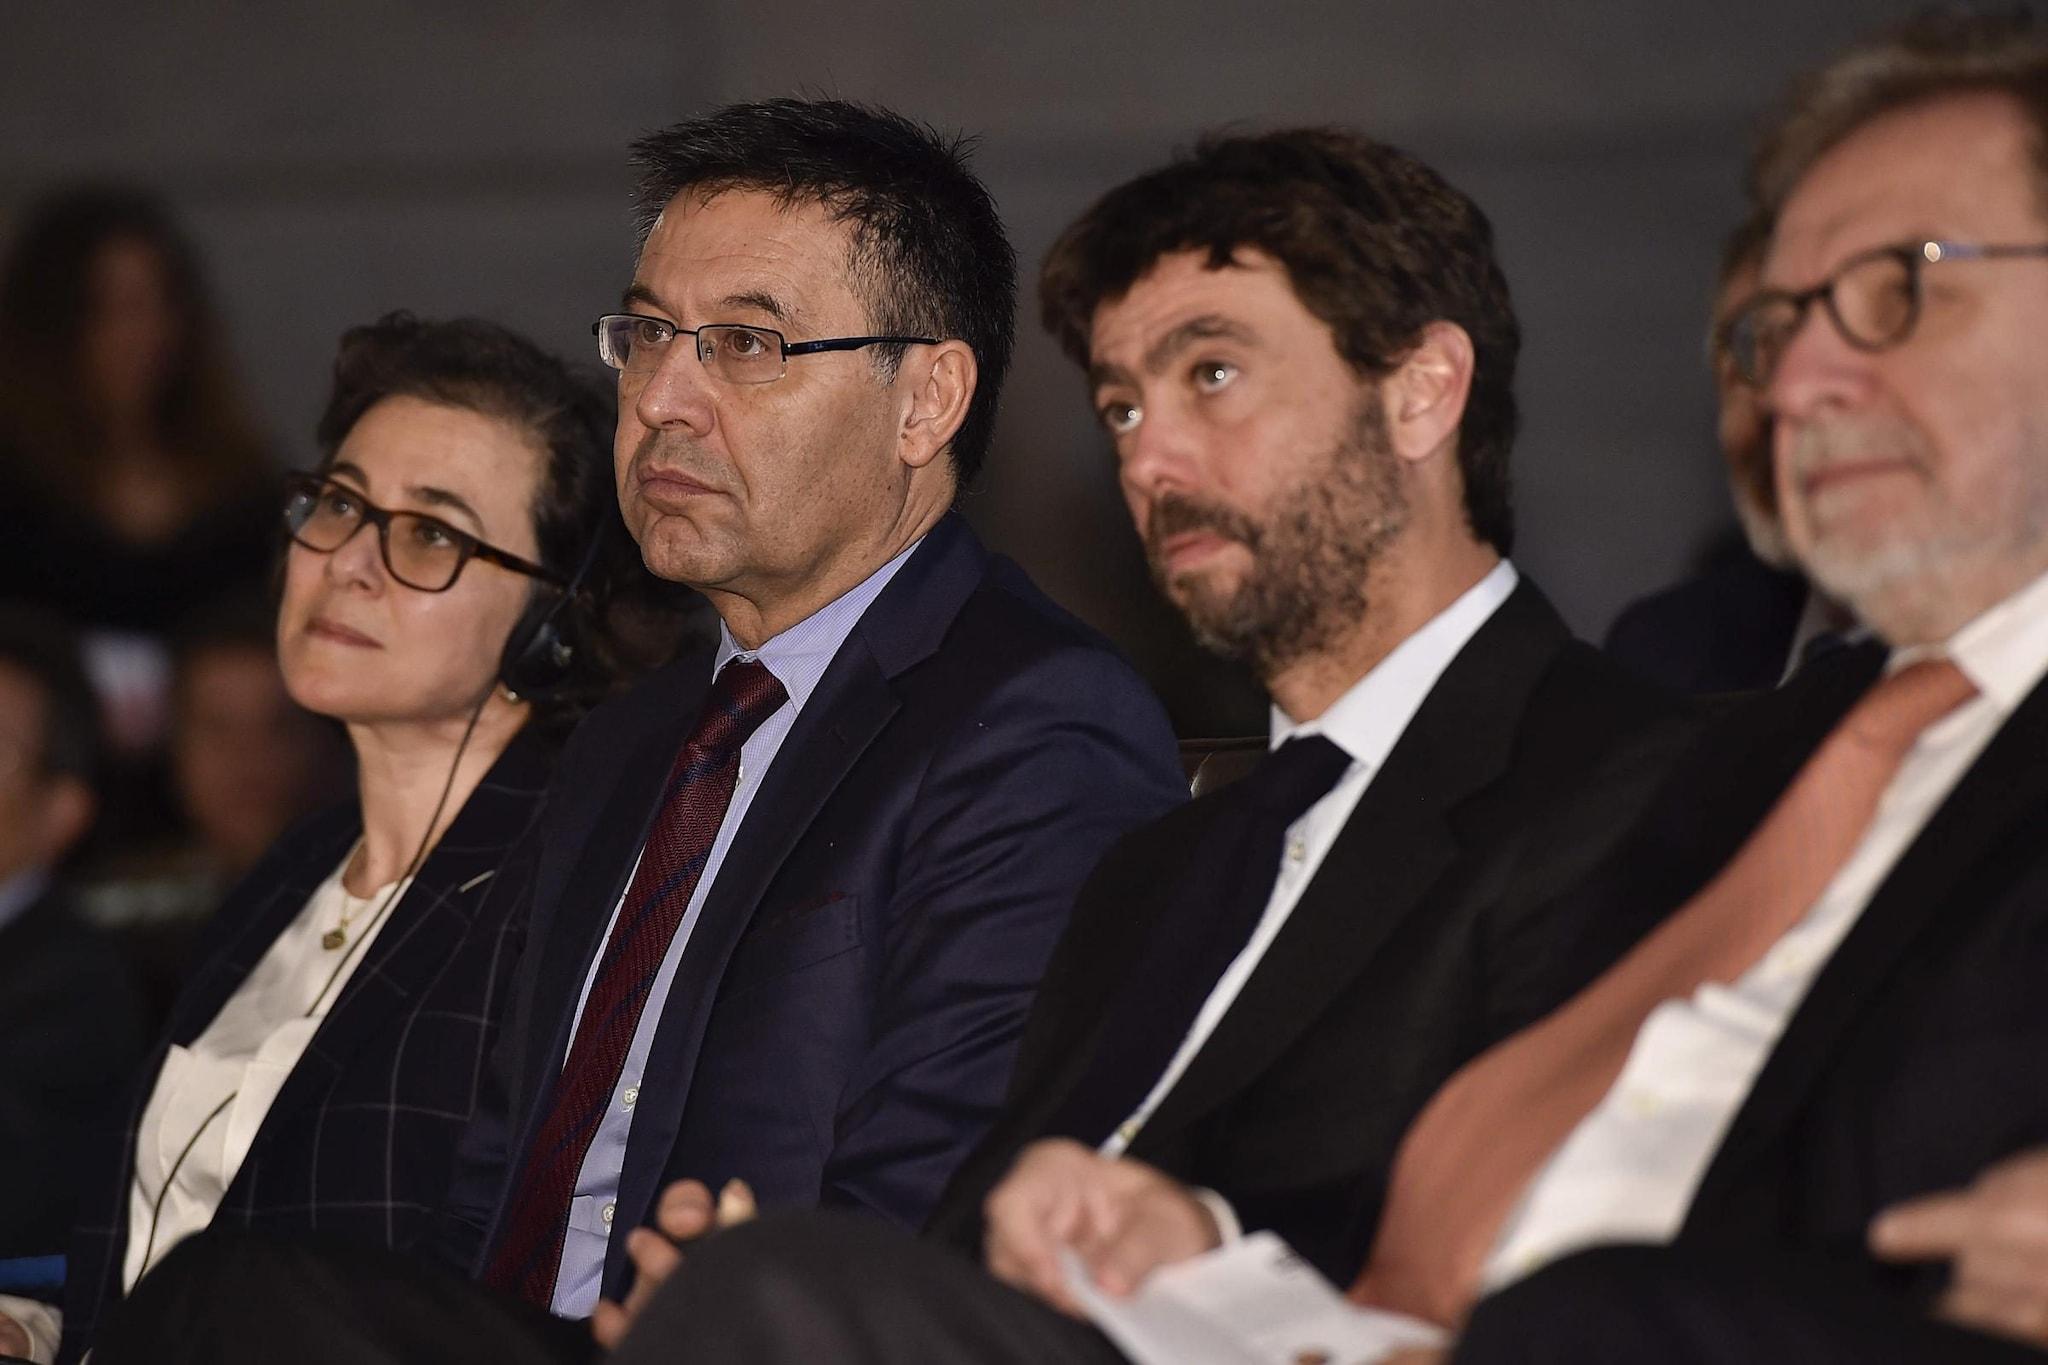 Bartomeu e Agnelli, i due presidenti di Barcellona e Juventus